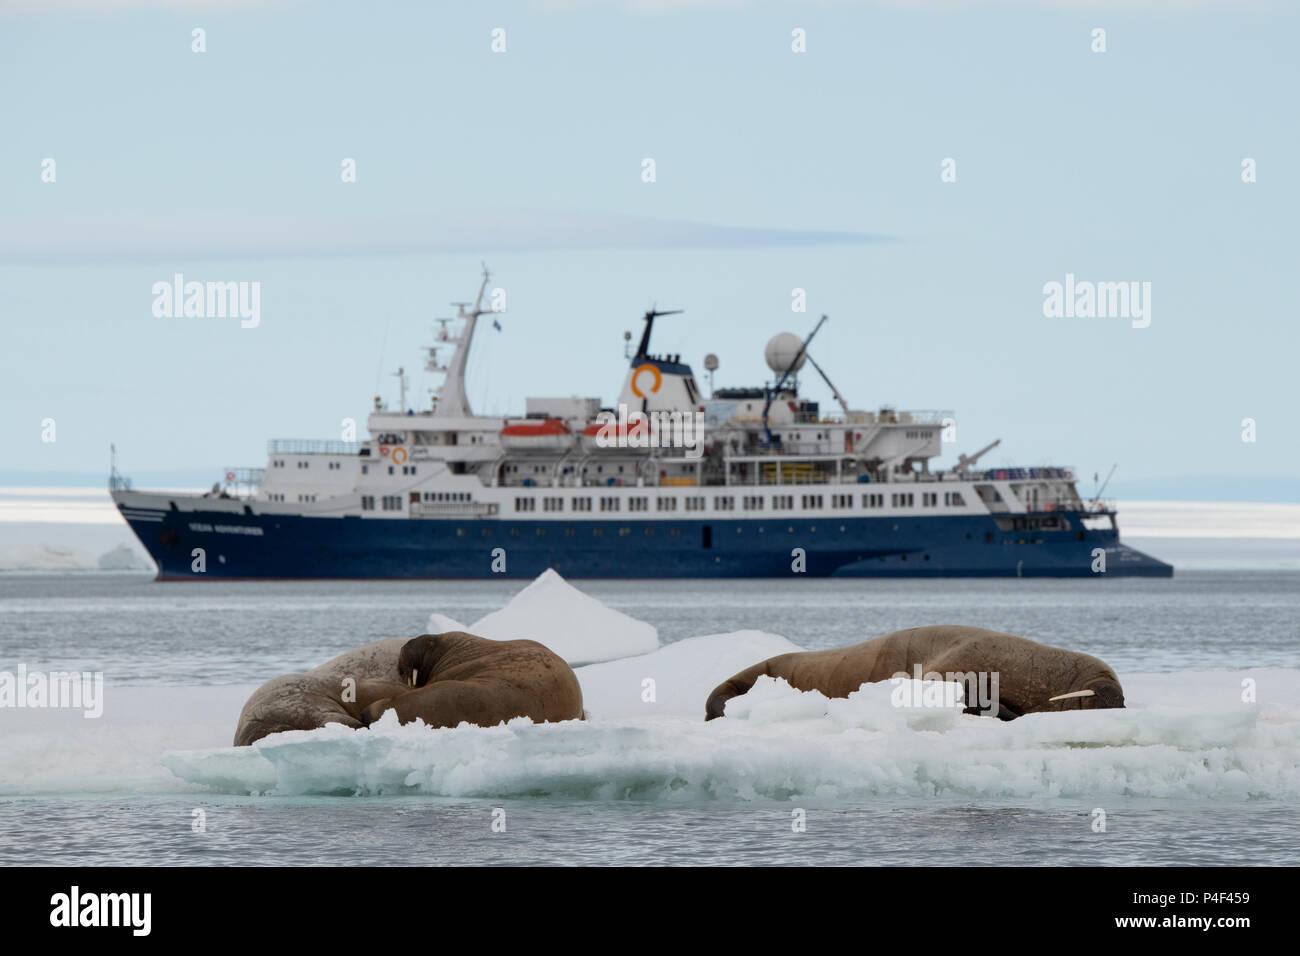 Norwegen, Spitzbergen, Nordaustlandet, Austfonna. Walross (Odobenus rosmarus) mit Quark Expeditionsschiff, Abenteurer, das Meer in der Ferne. Stockbild